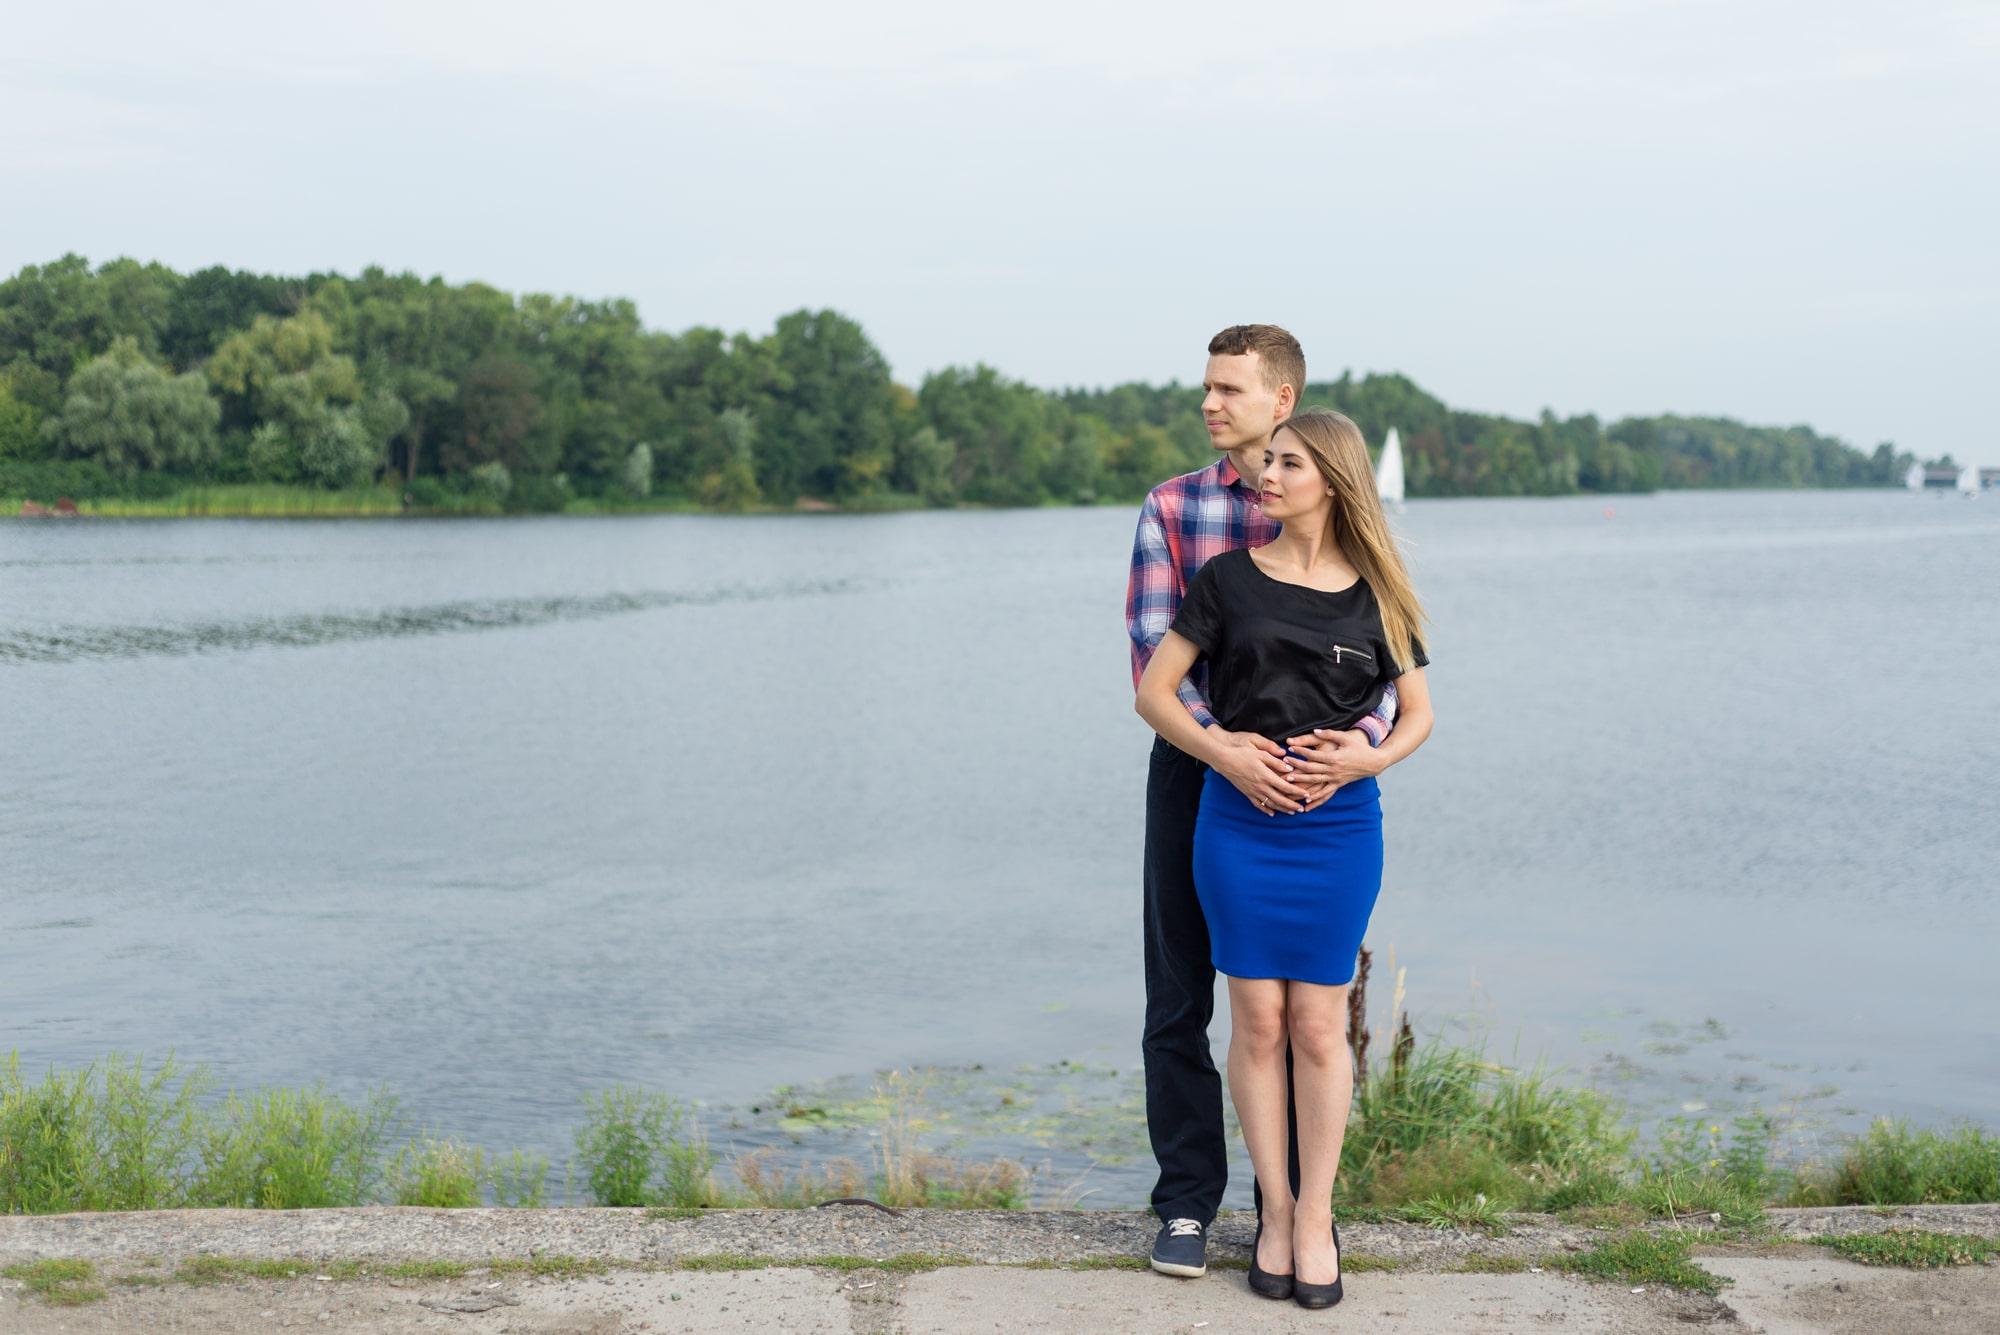 Фотосессия Love Story в Киеве - объятия на набережной